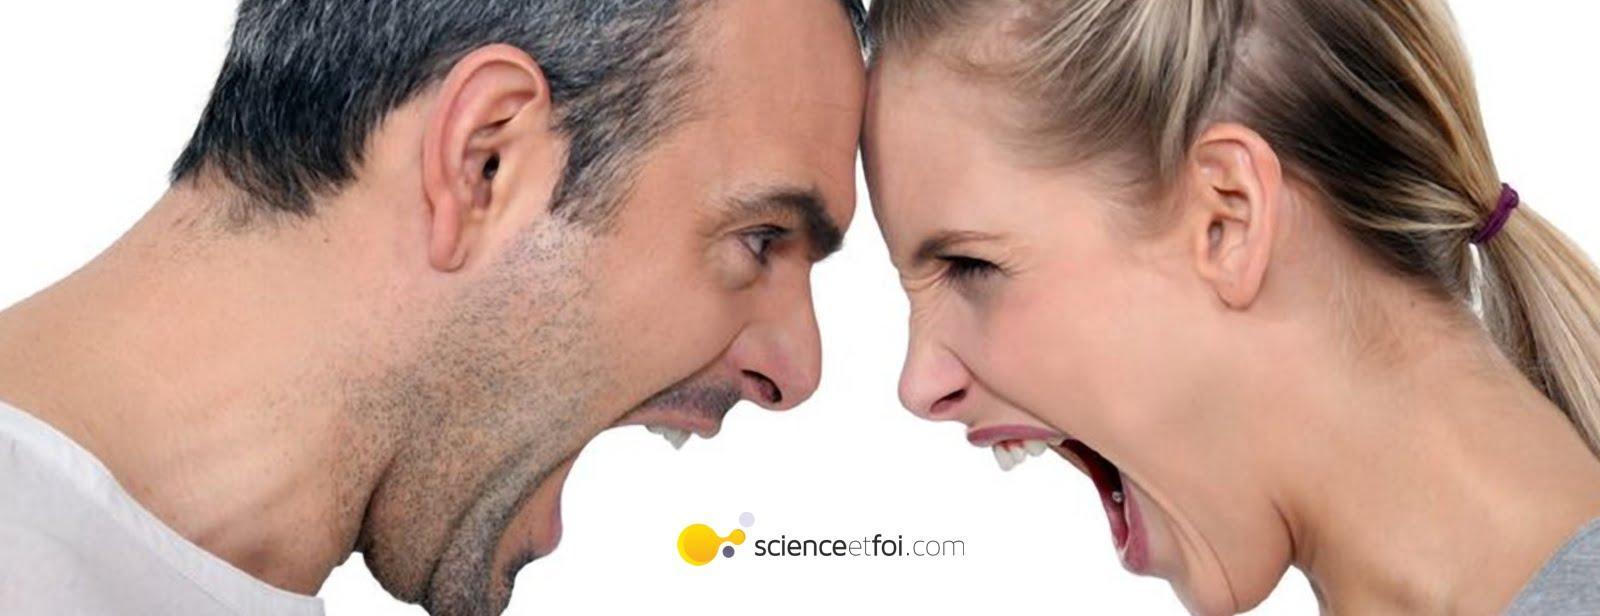 Cours en ligne : science et religion, un mariage impossible ?